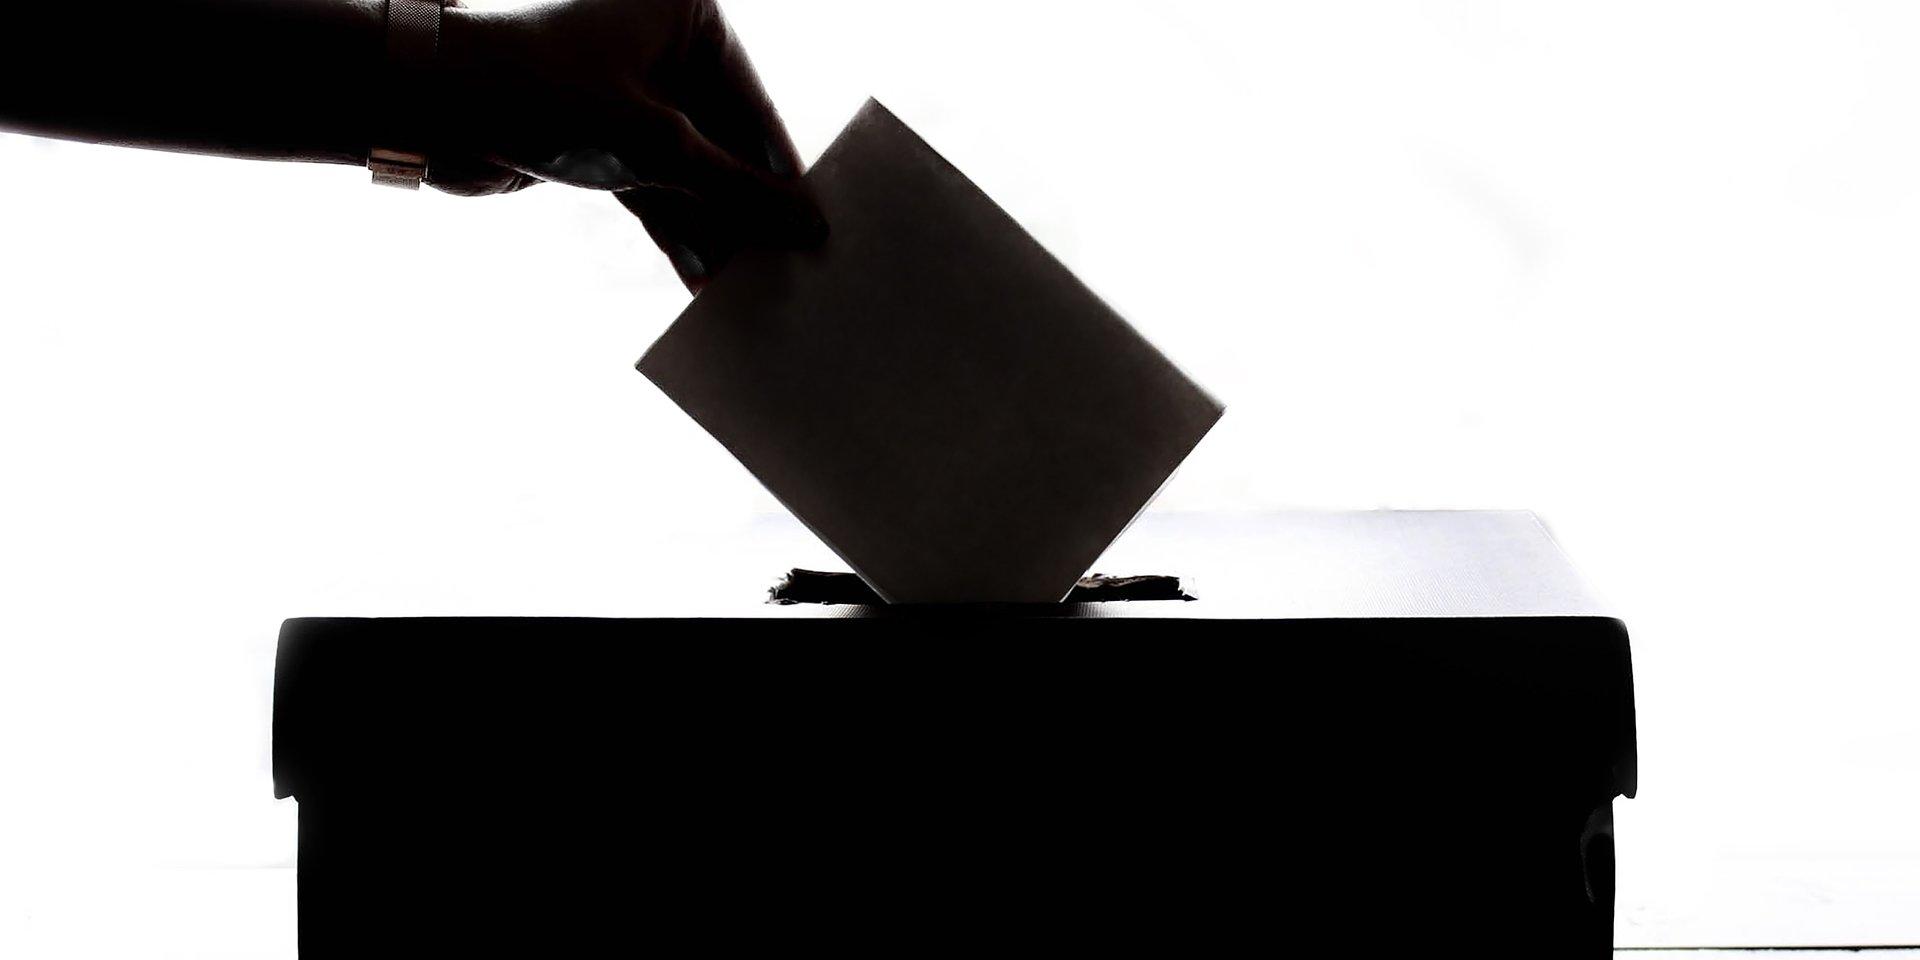 Przyspieszone wybory w Polsce? - konflikt na prawicy